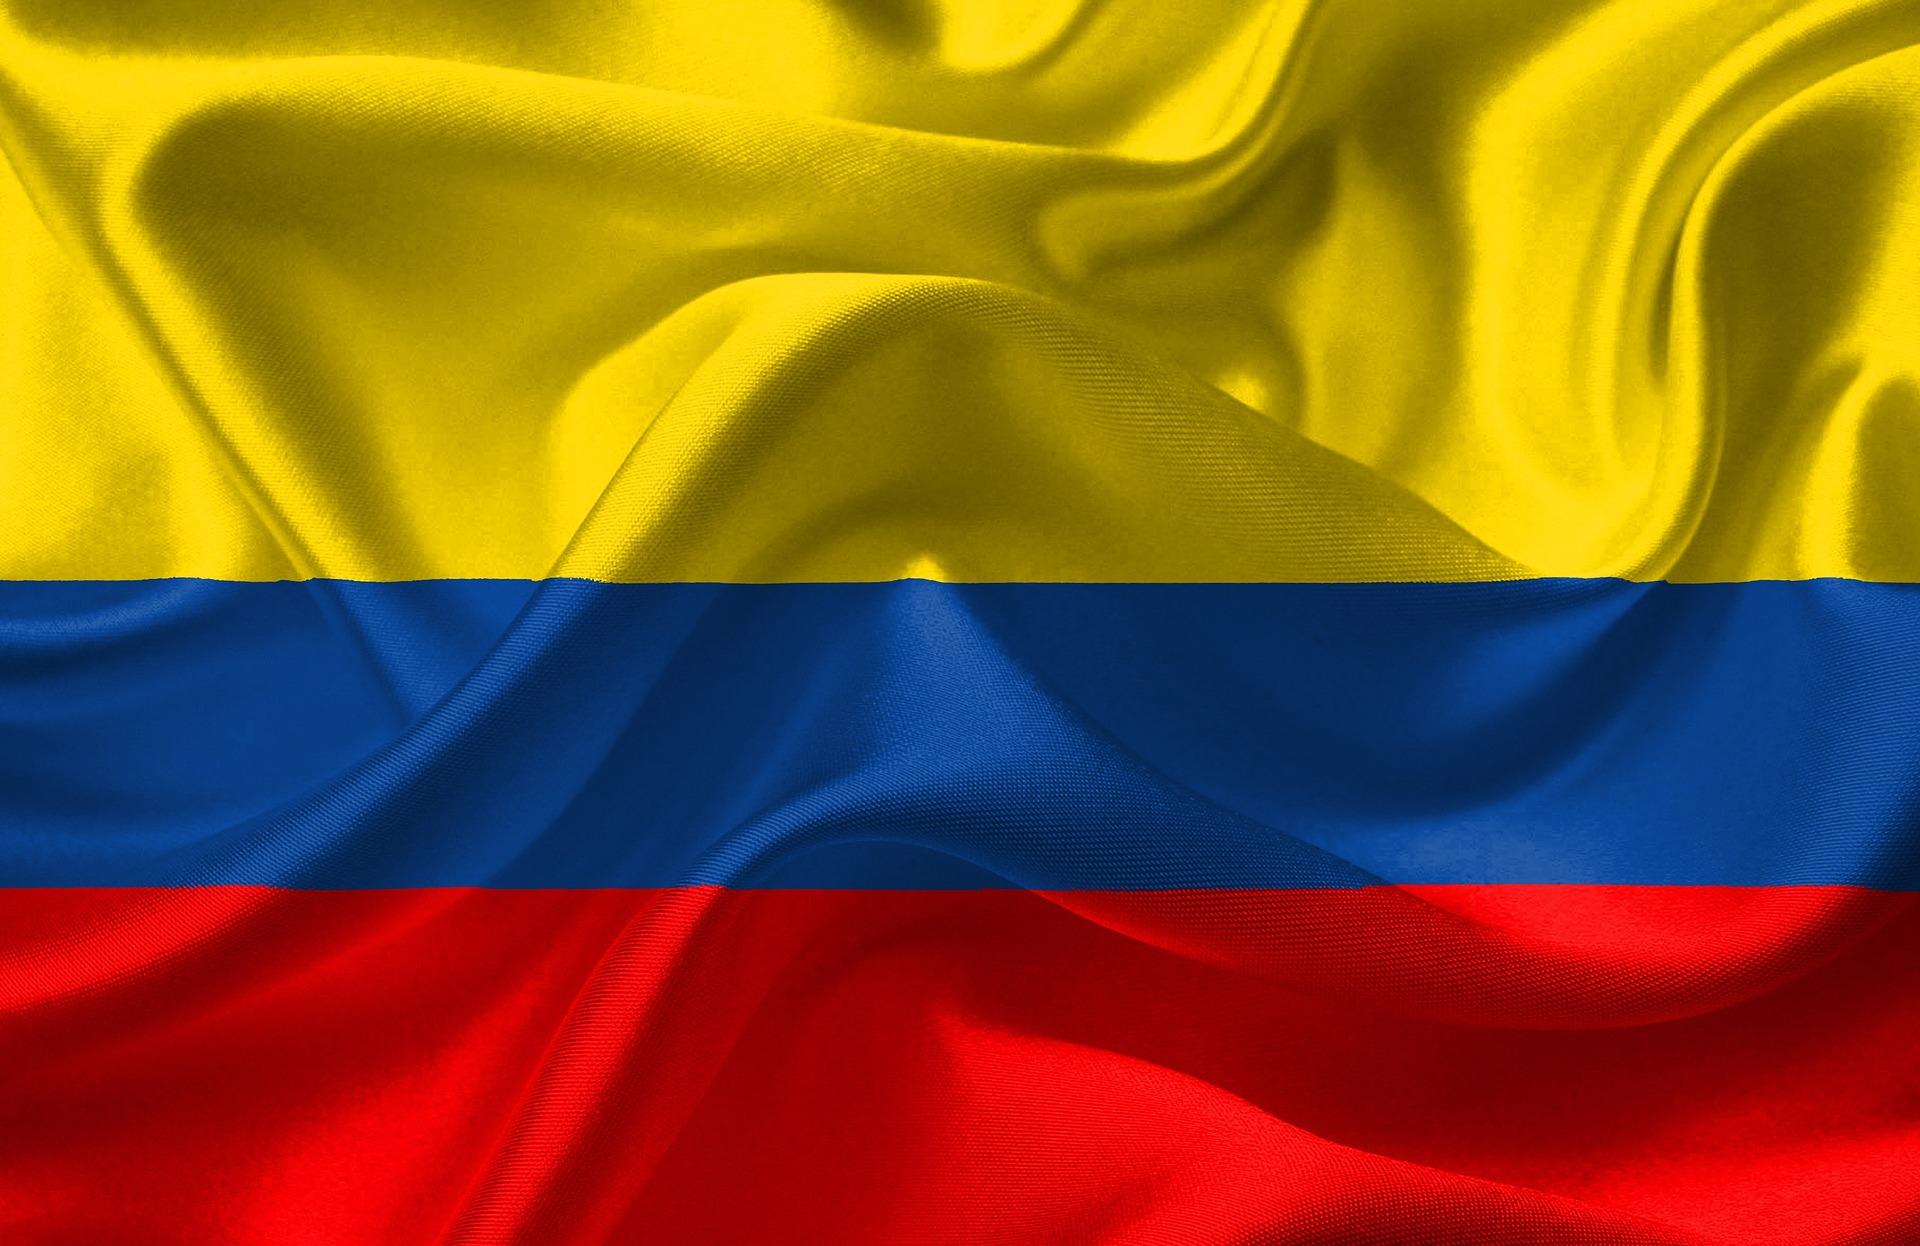 Presentación de los resultados del estudio para la Financiera de Desarrollo Nacional de Colombia.